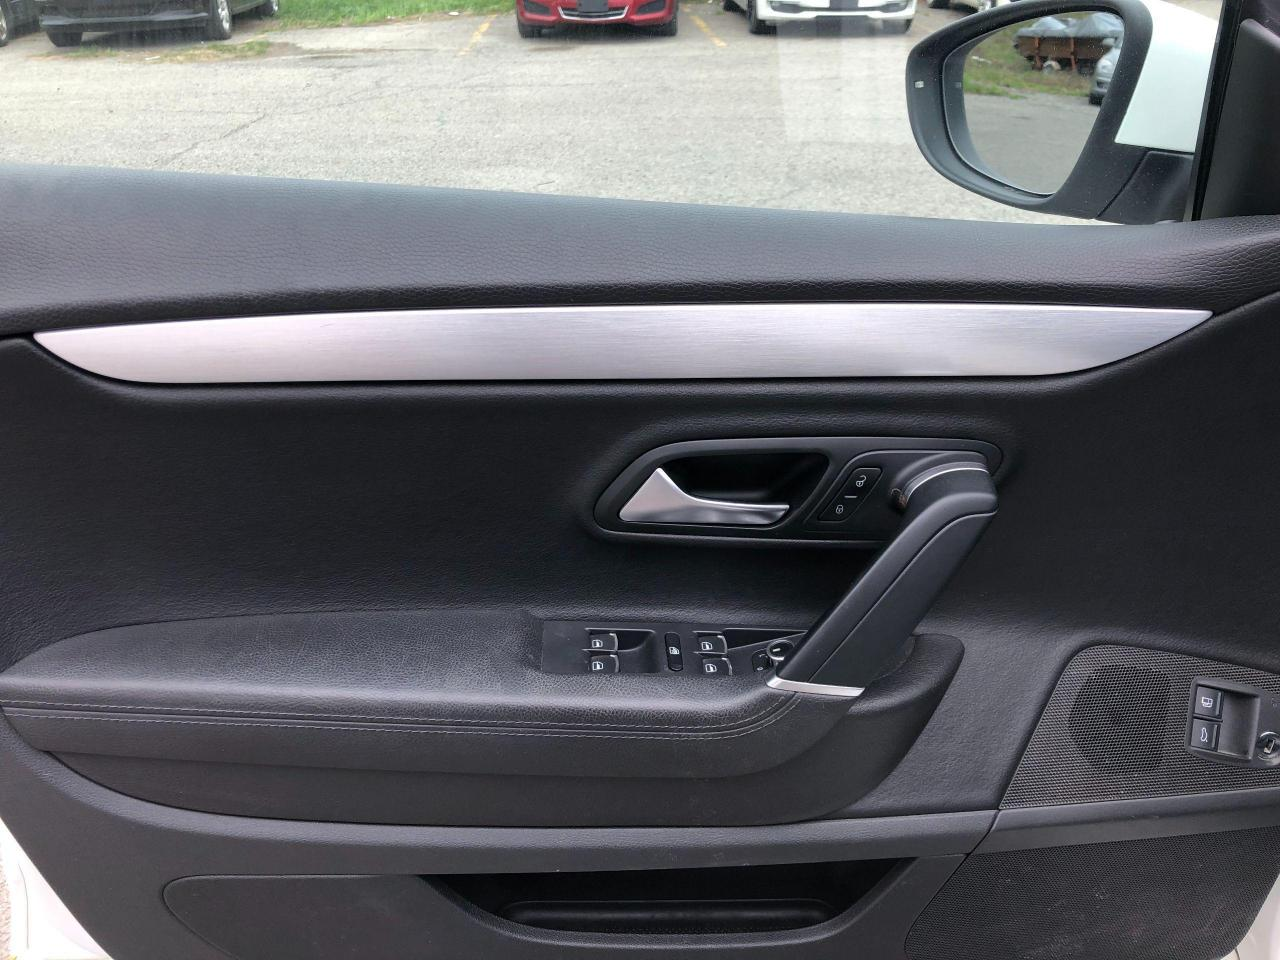 2011 Volkswagen Passat